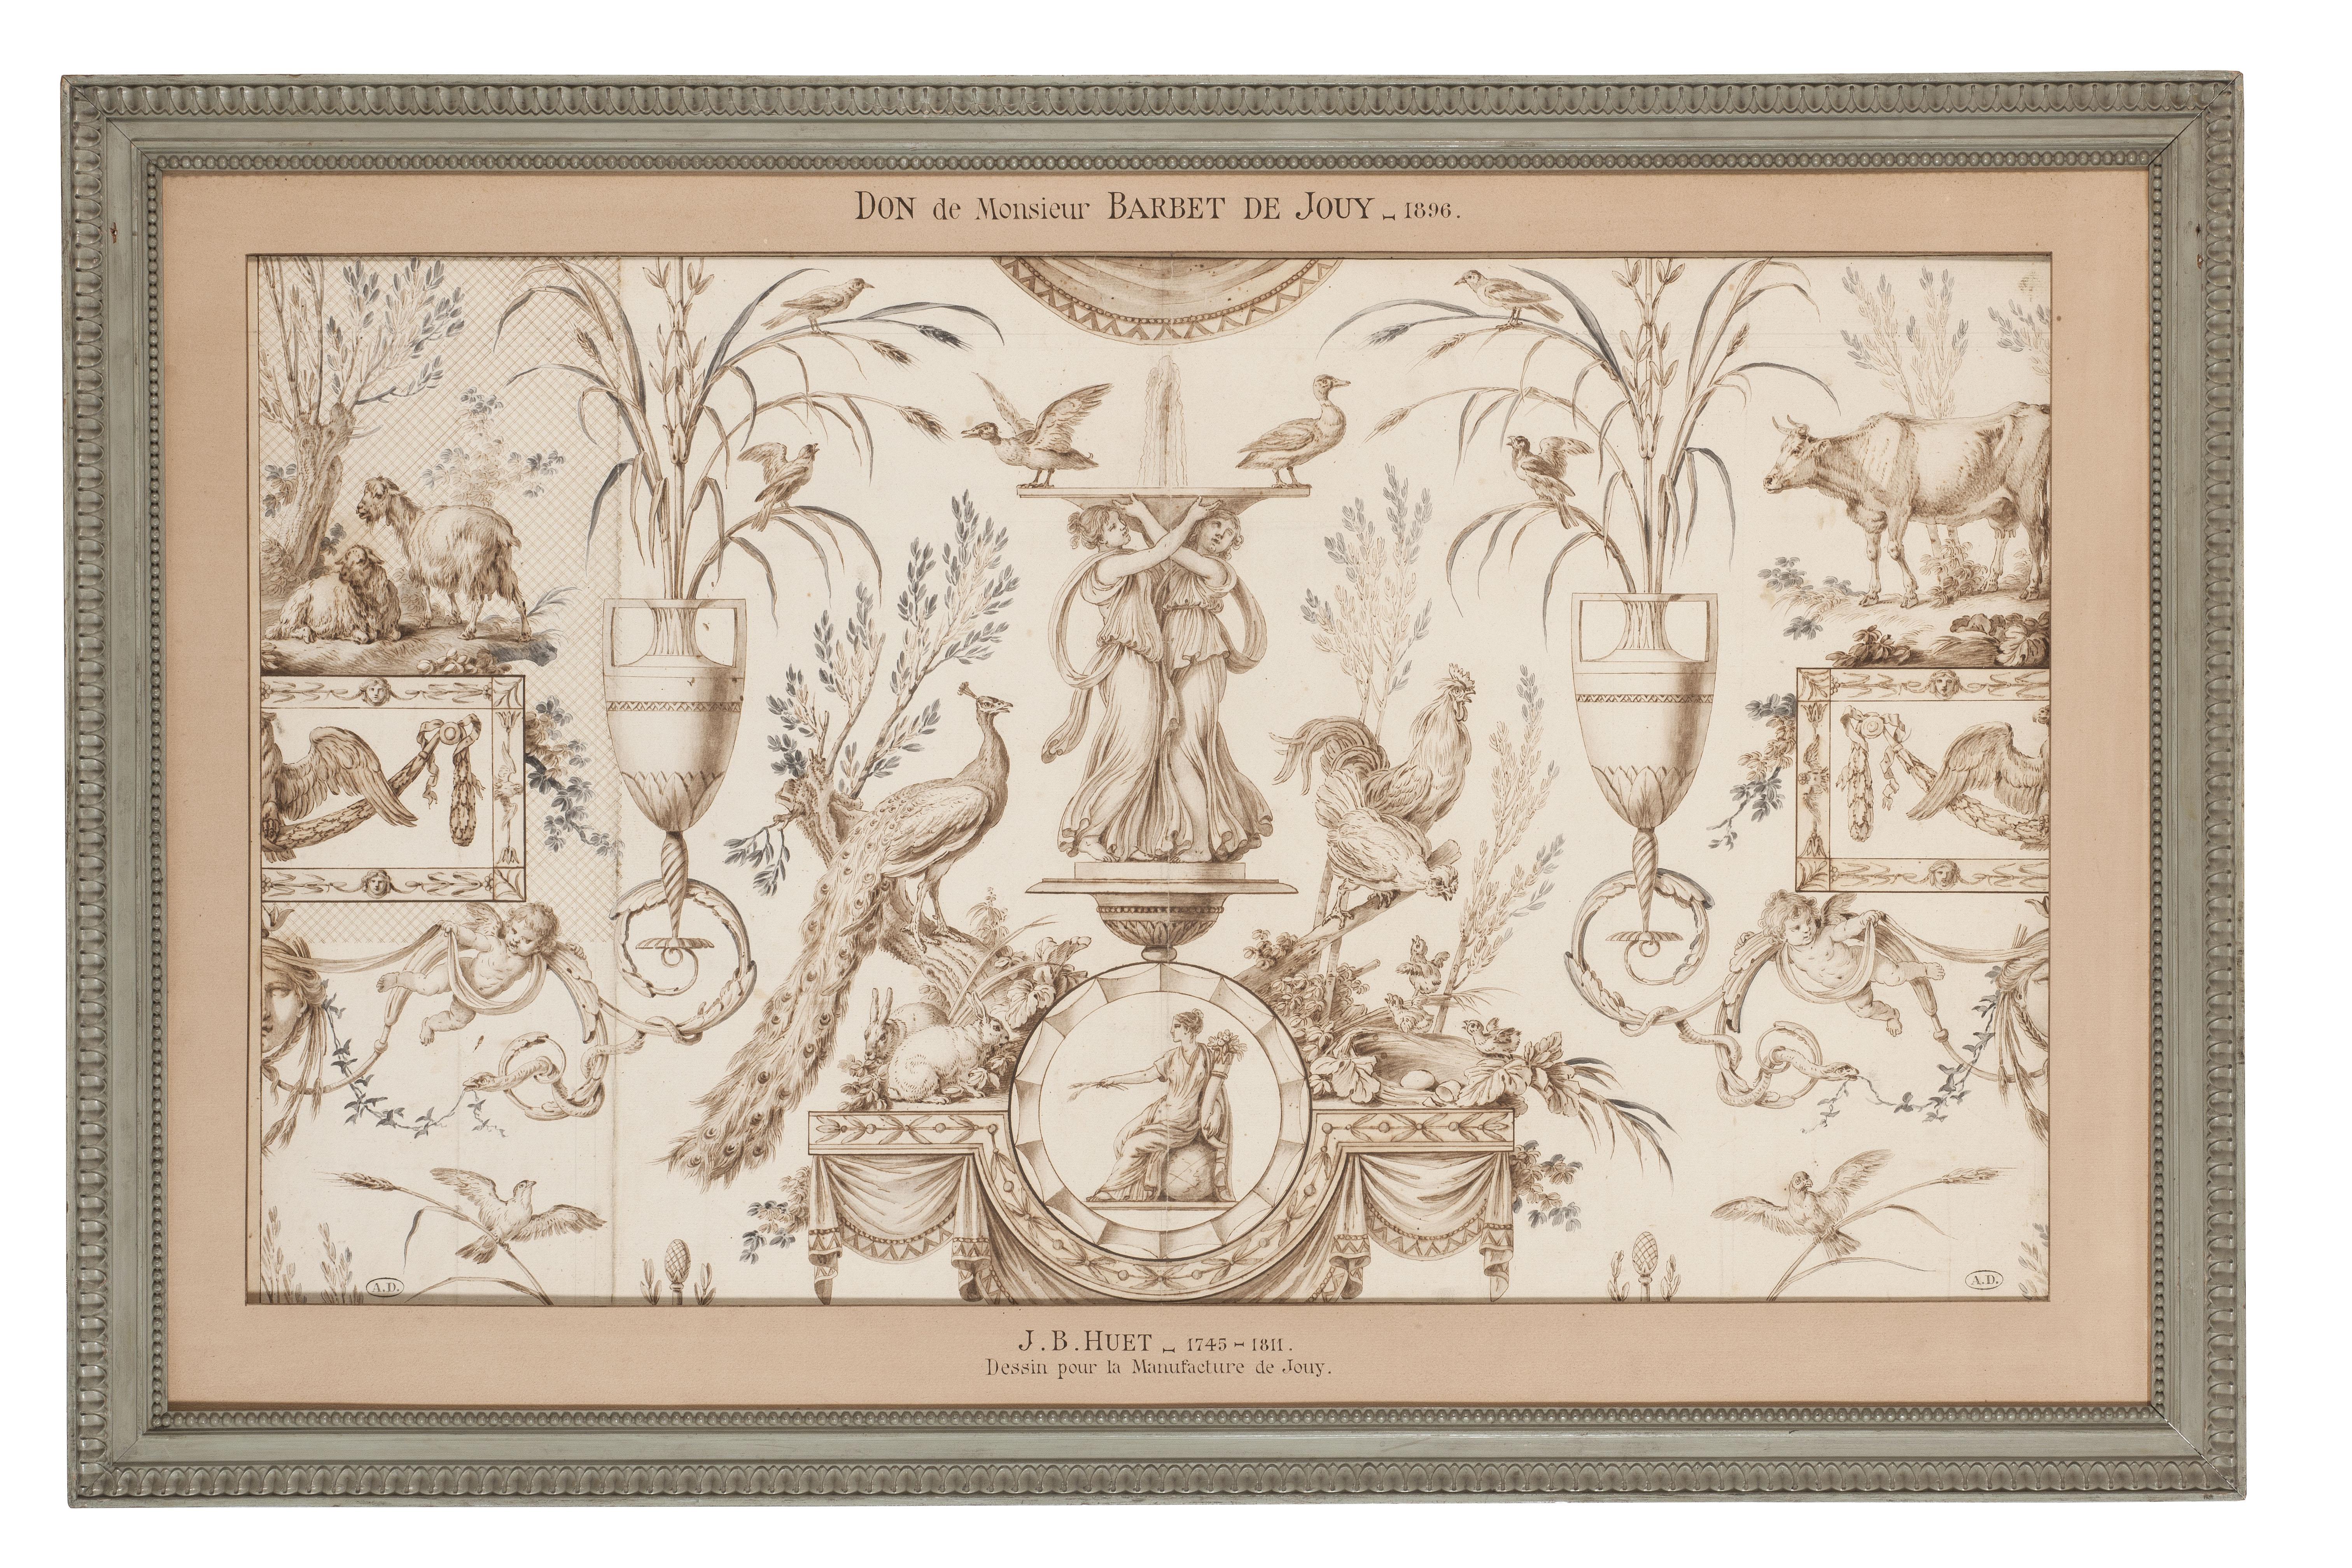 model for a toile de Jouy, Escarpolette, grisaille, © Les Arts décoratifs, Paris/Jean Tholance